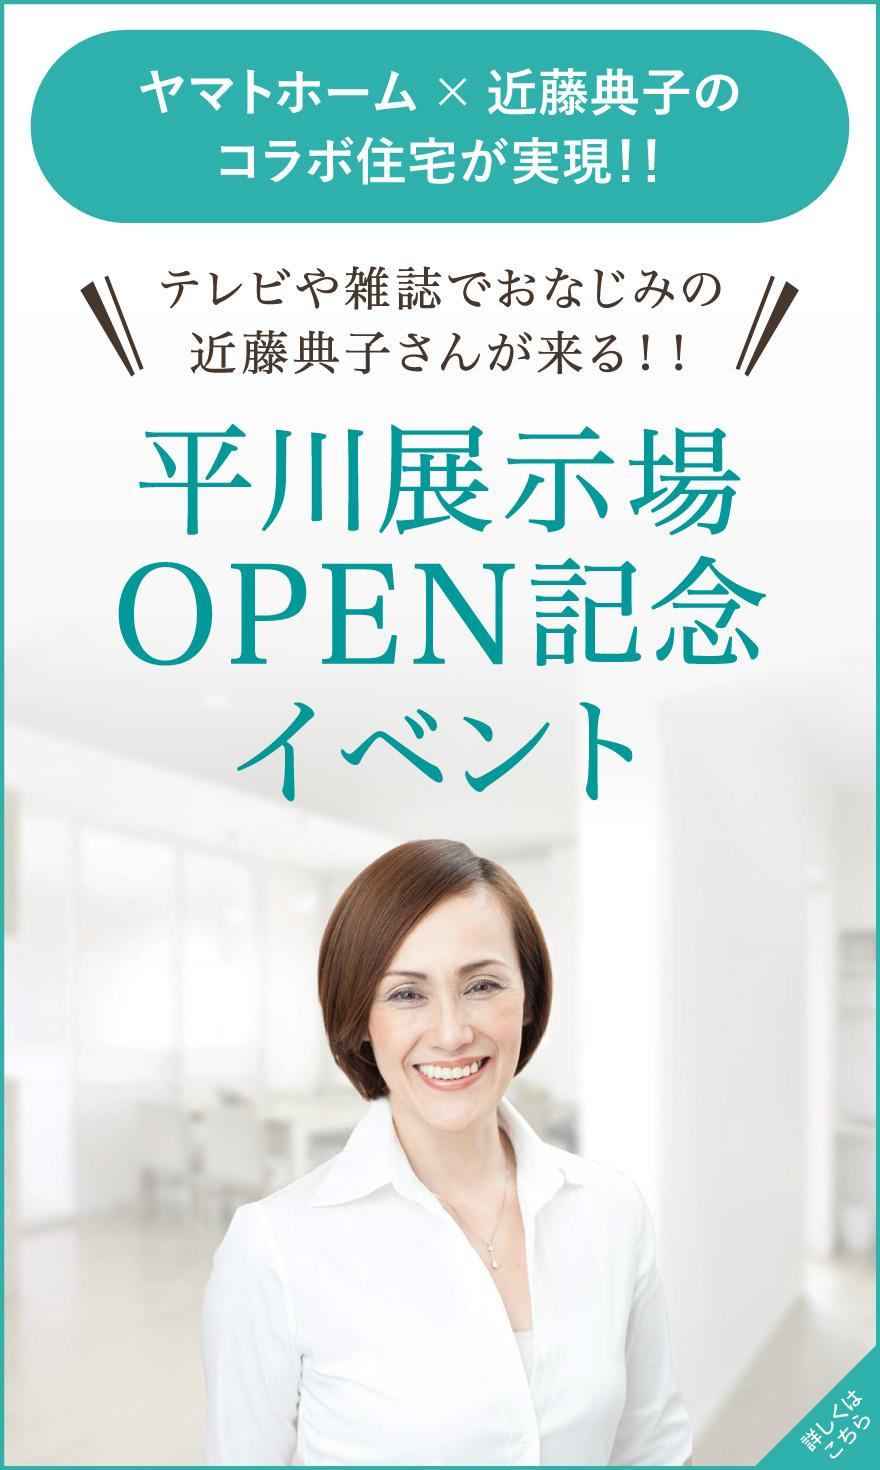 近藤典子さんが来る!平川展示場OPEN記念イベント